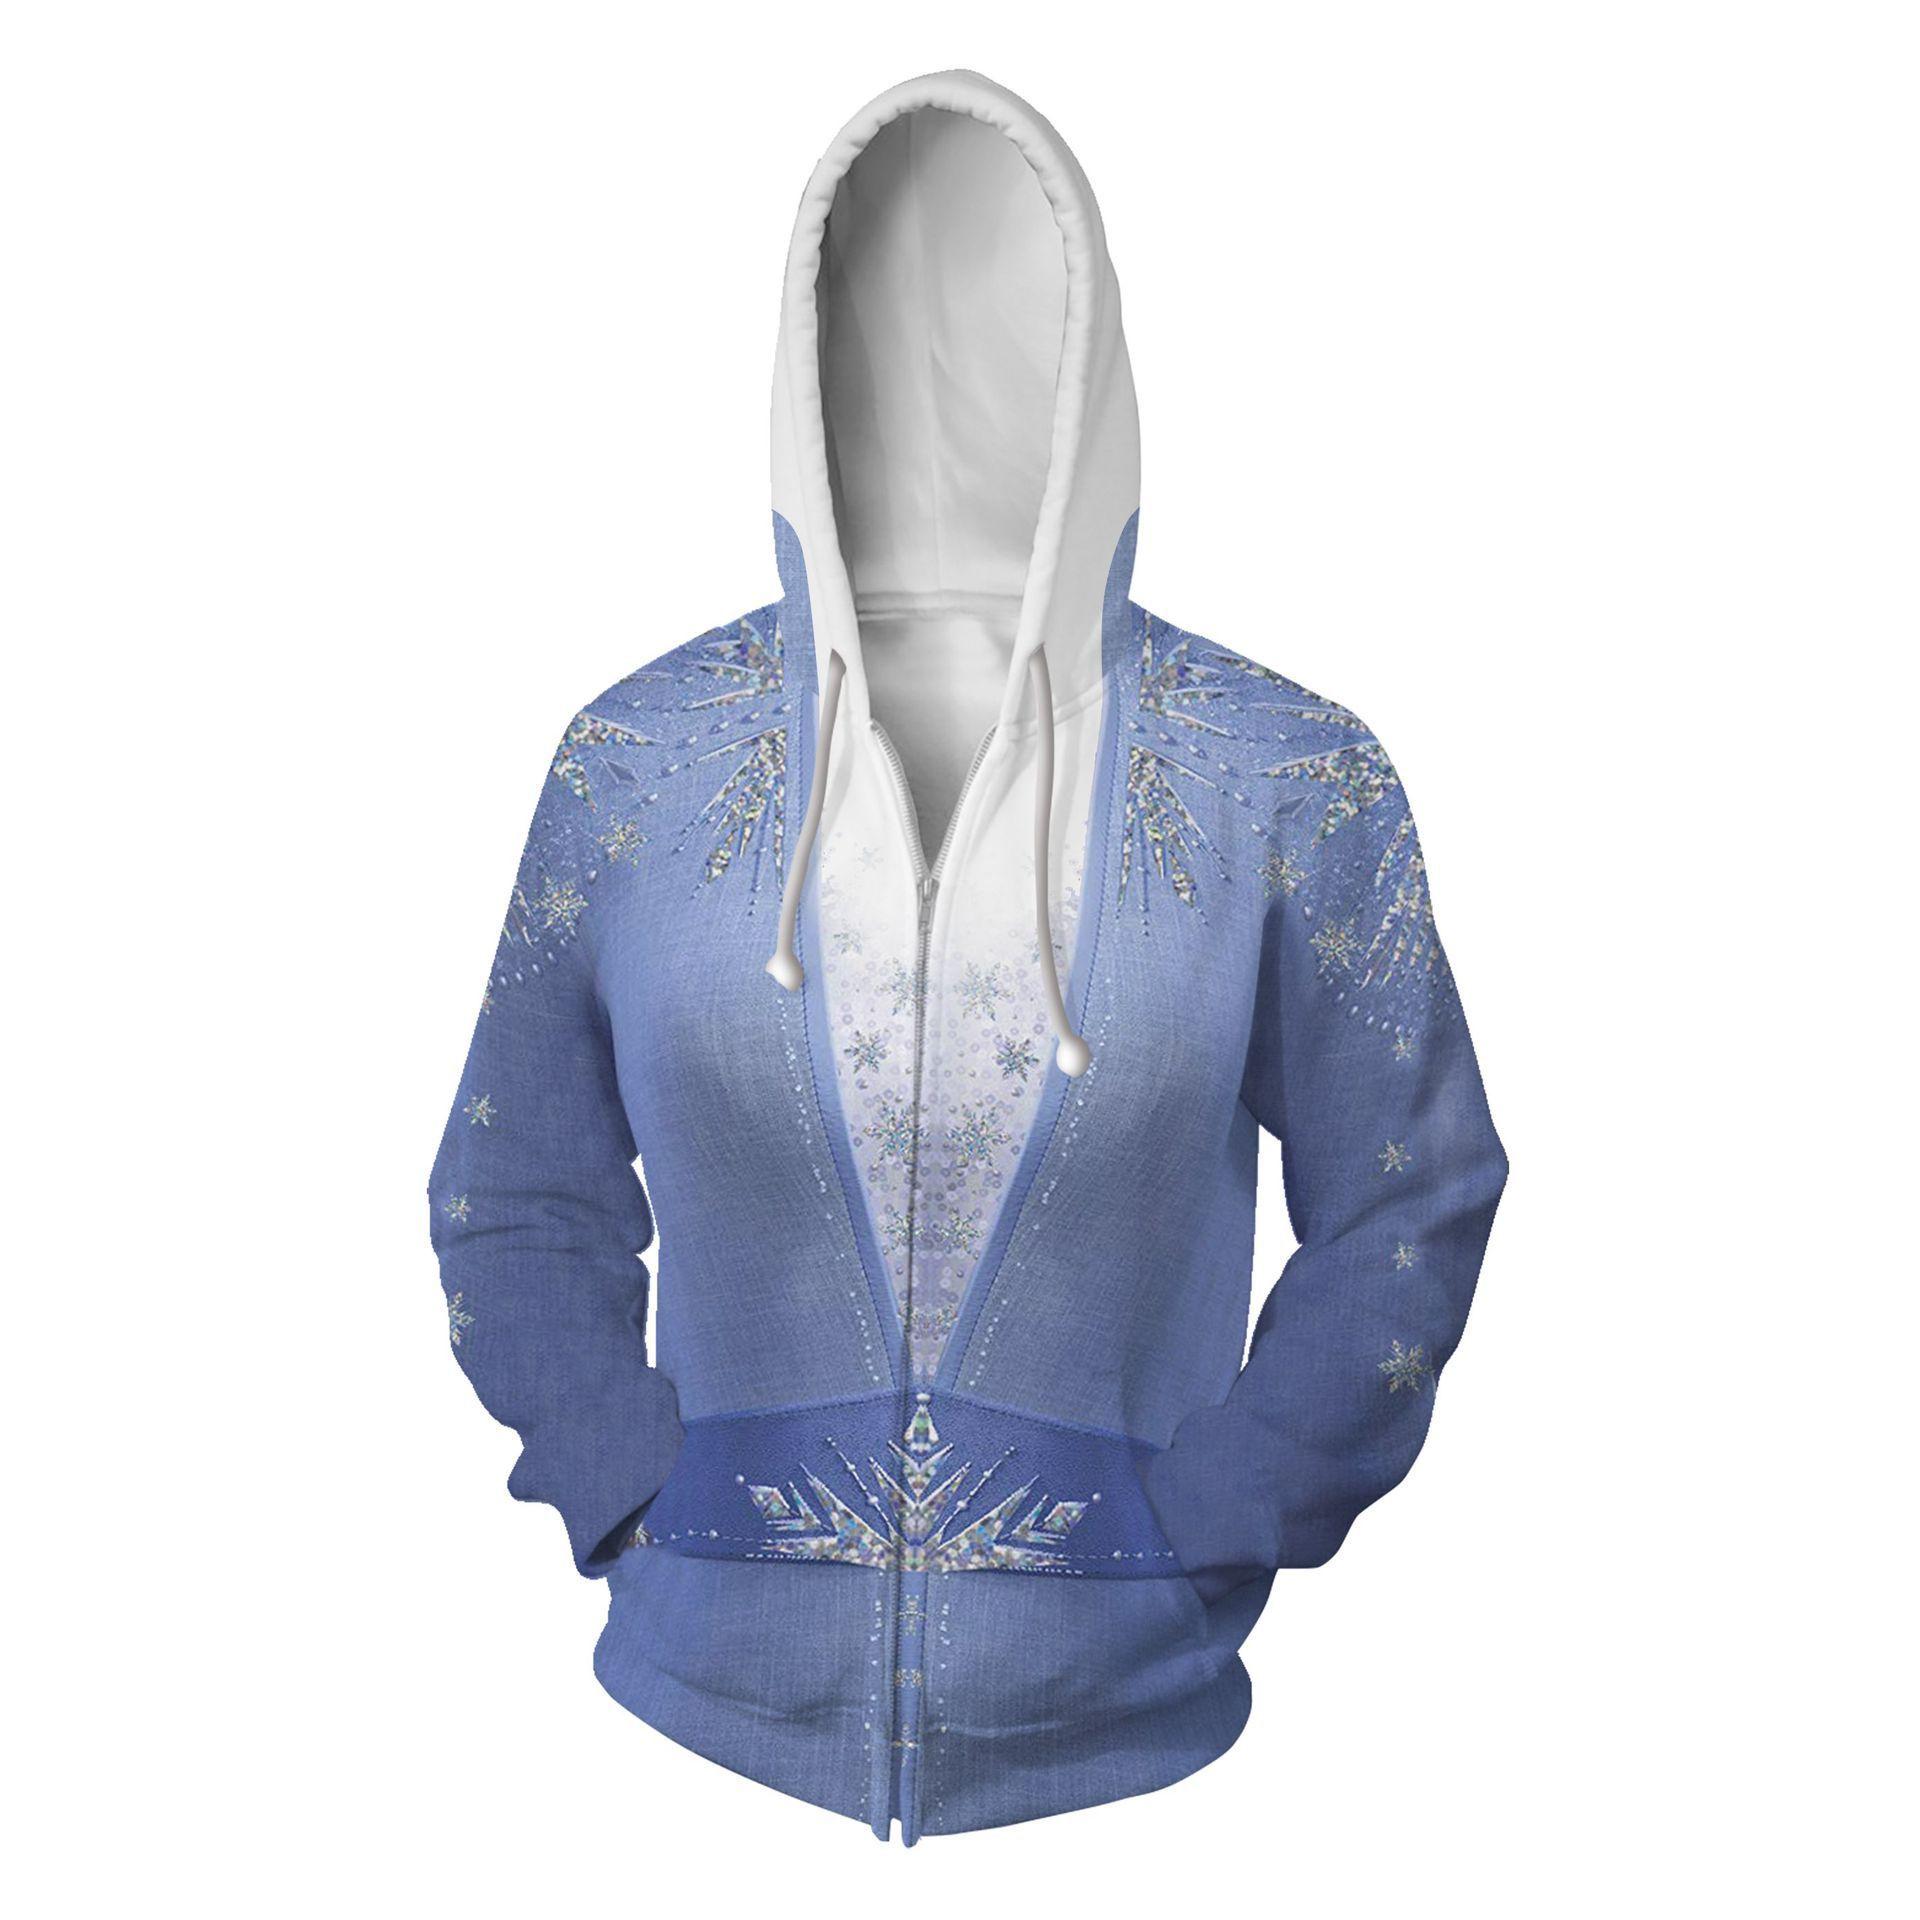 Anna Cosplay Hoodie, Elsa Cosplay Hoodie, Anna Elsa Cosplay Trend Zipper Hoodie Sports Hoodie